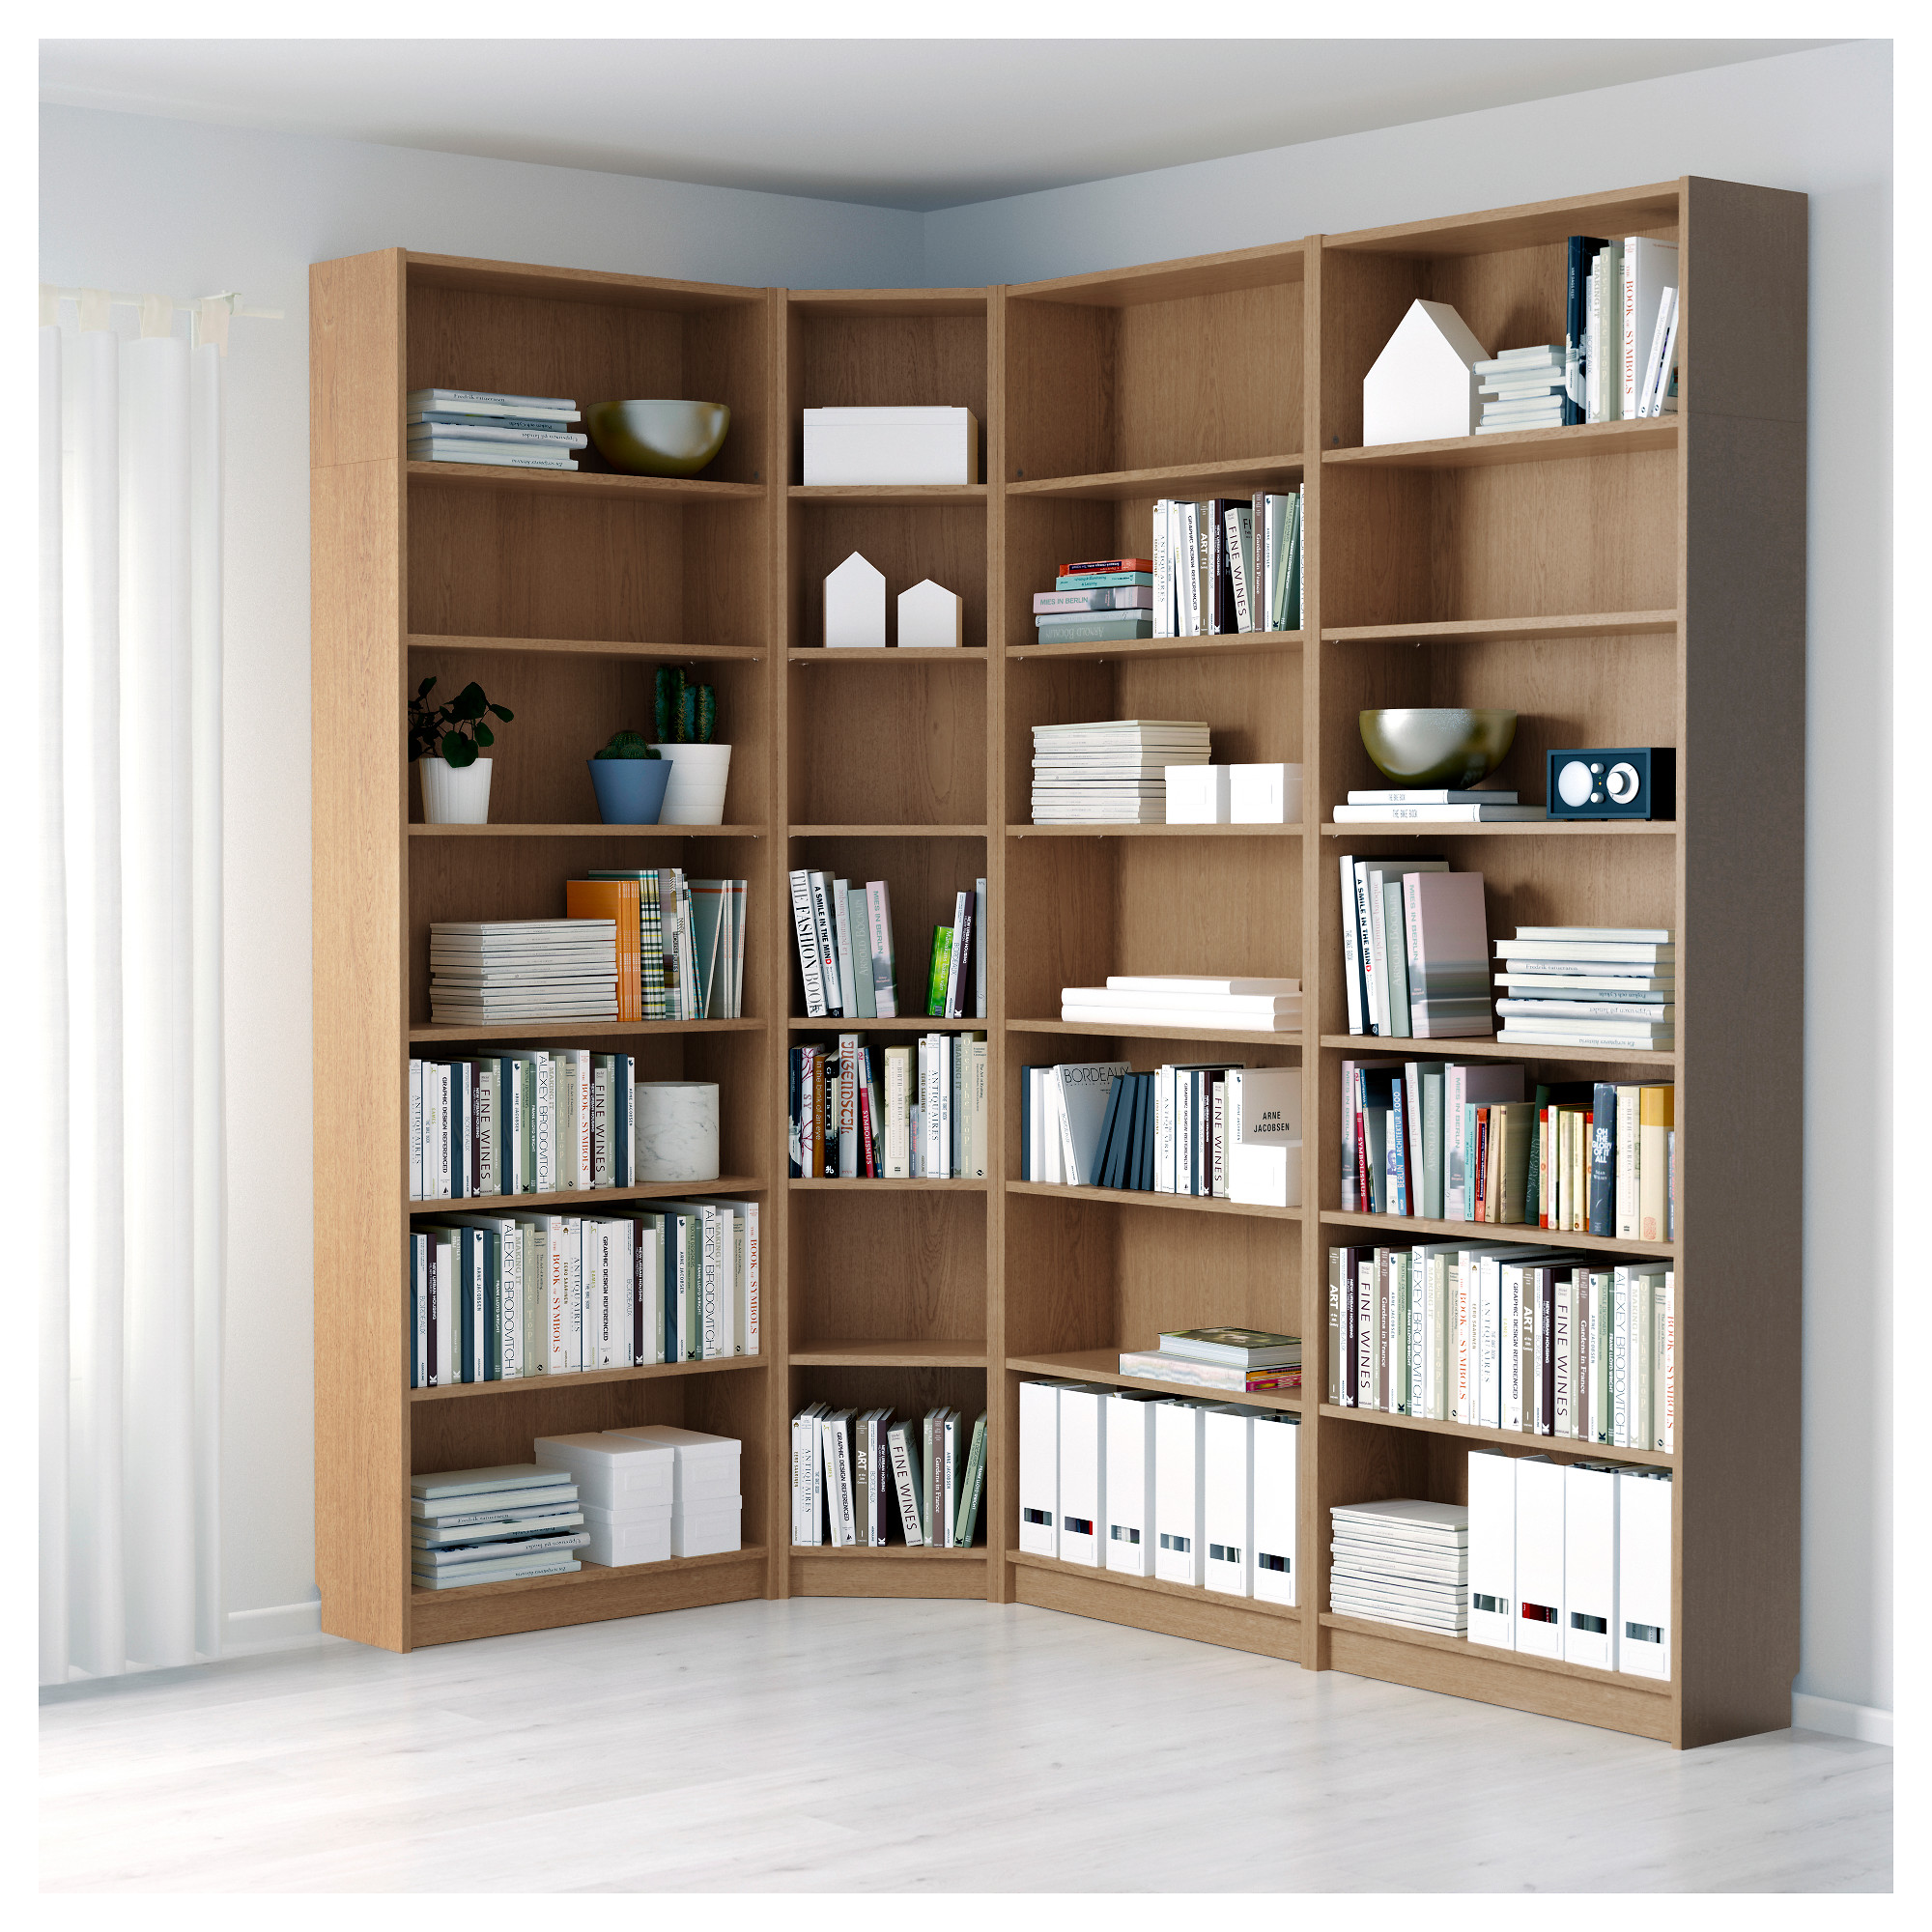 толерантны шкаф стеллаж для книг фото случайно коктейль